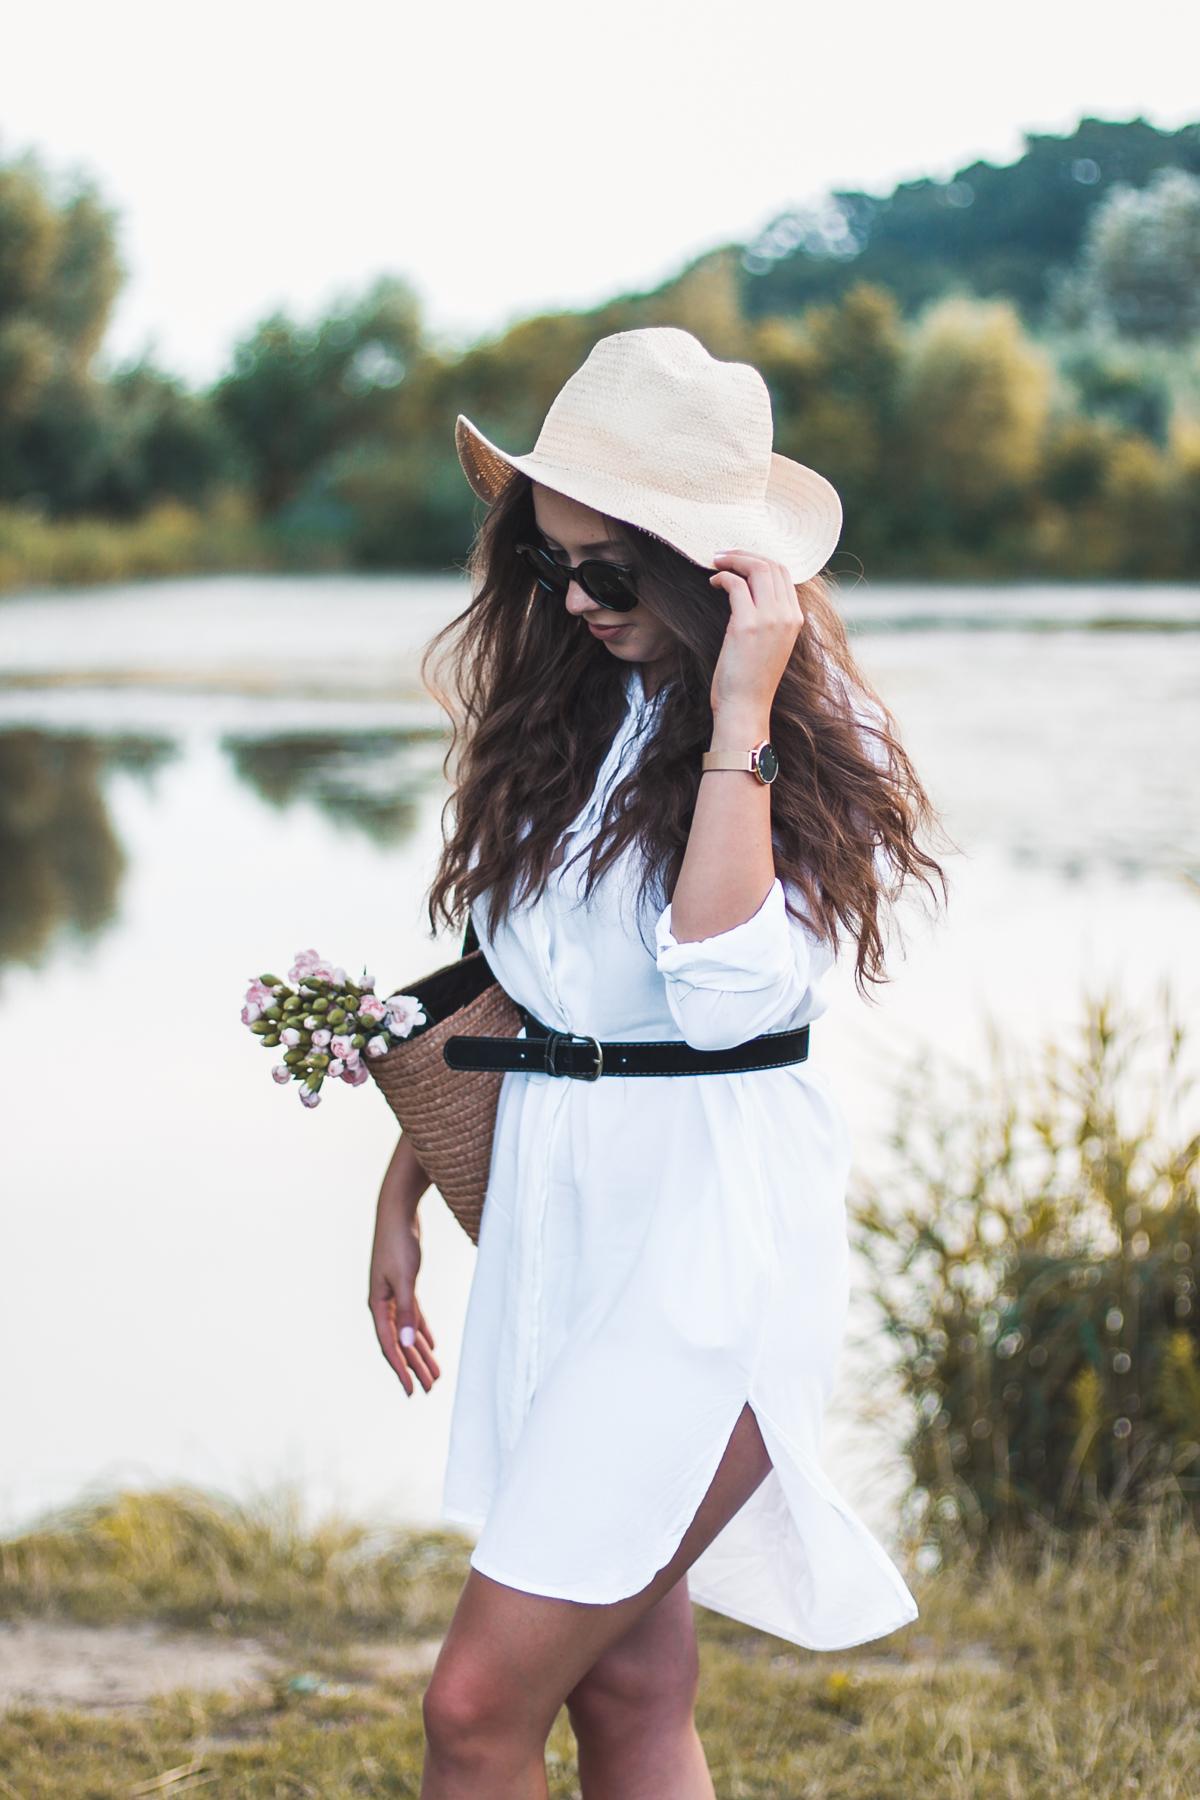 Biała sukienka w wakacyjnej stylizacji ze słomianym koszykiem